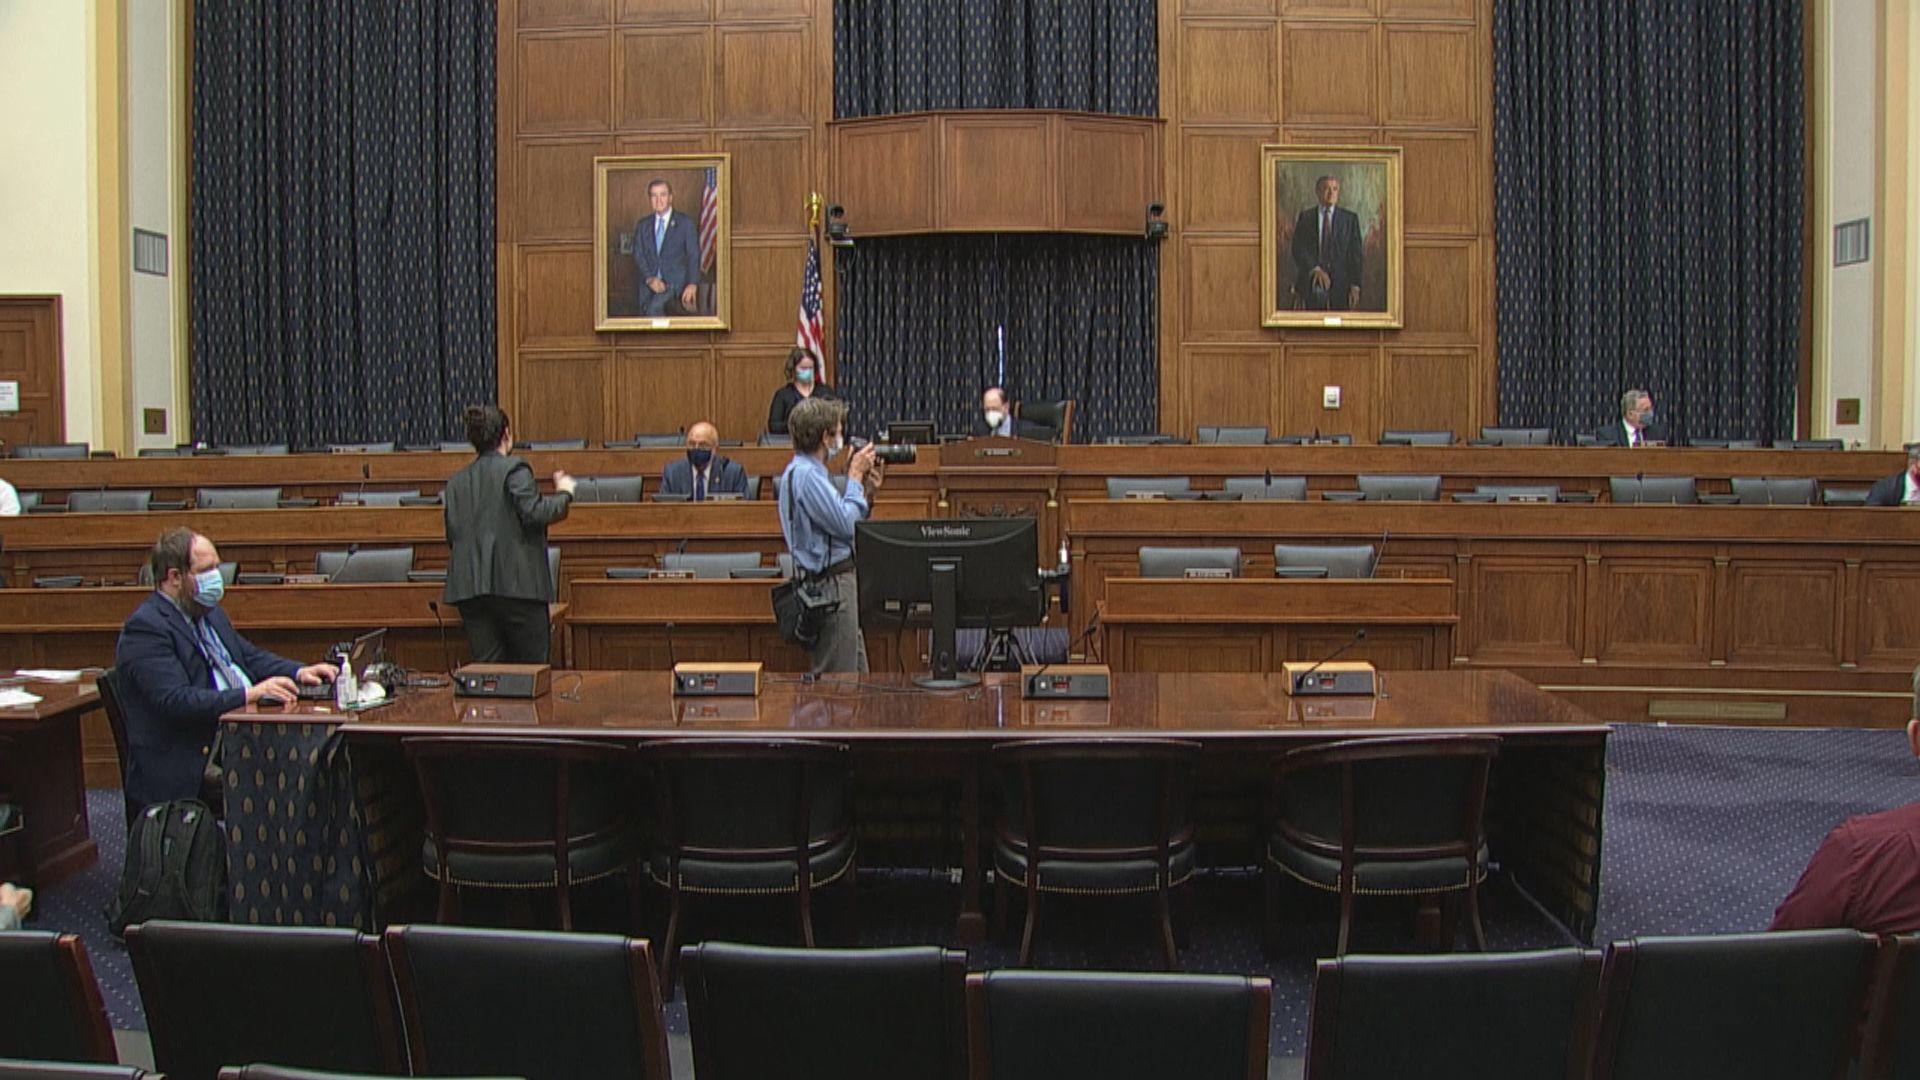 美國眾議院聽證會討論香港事務